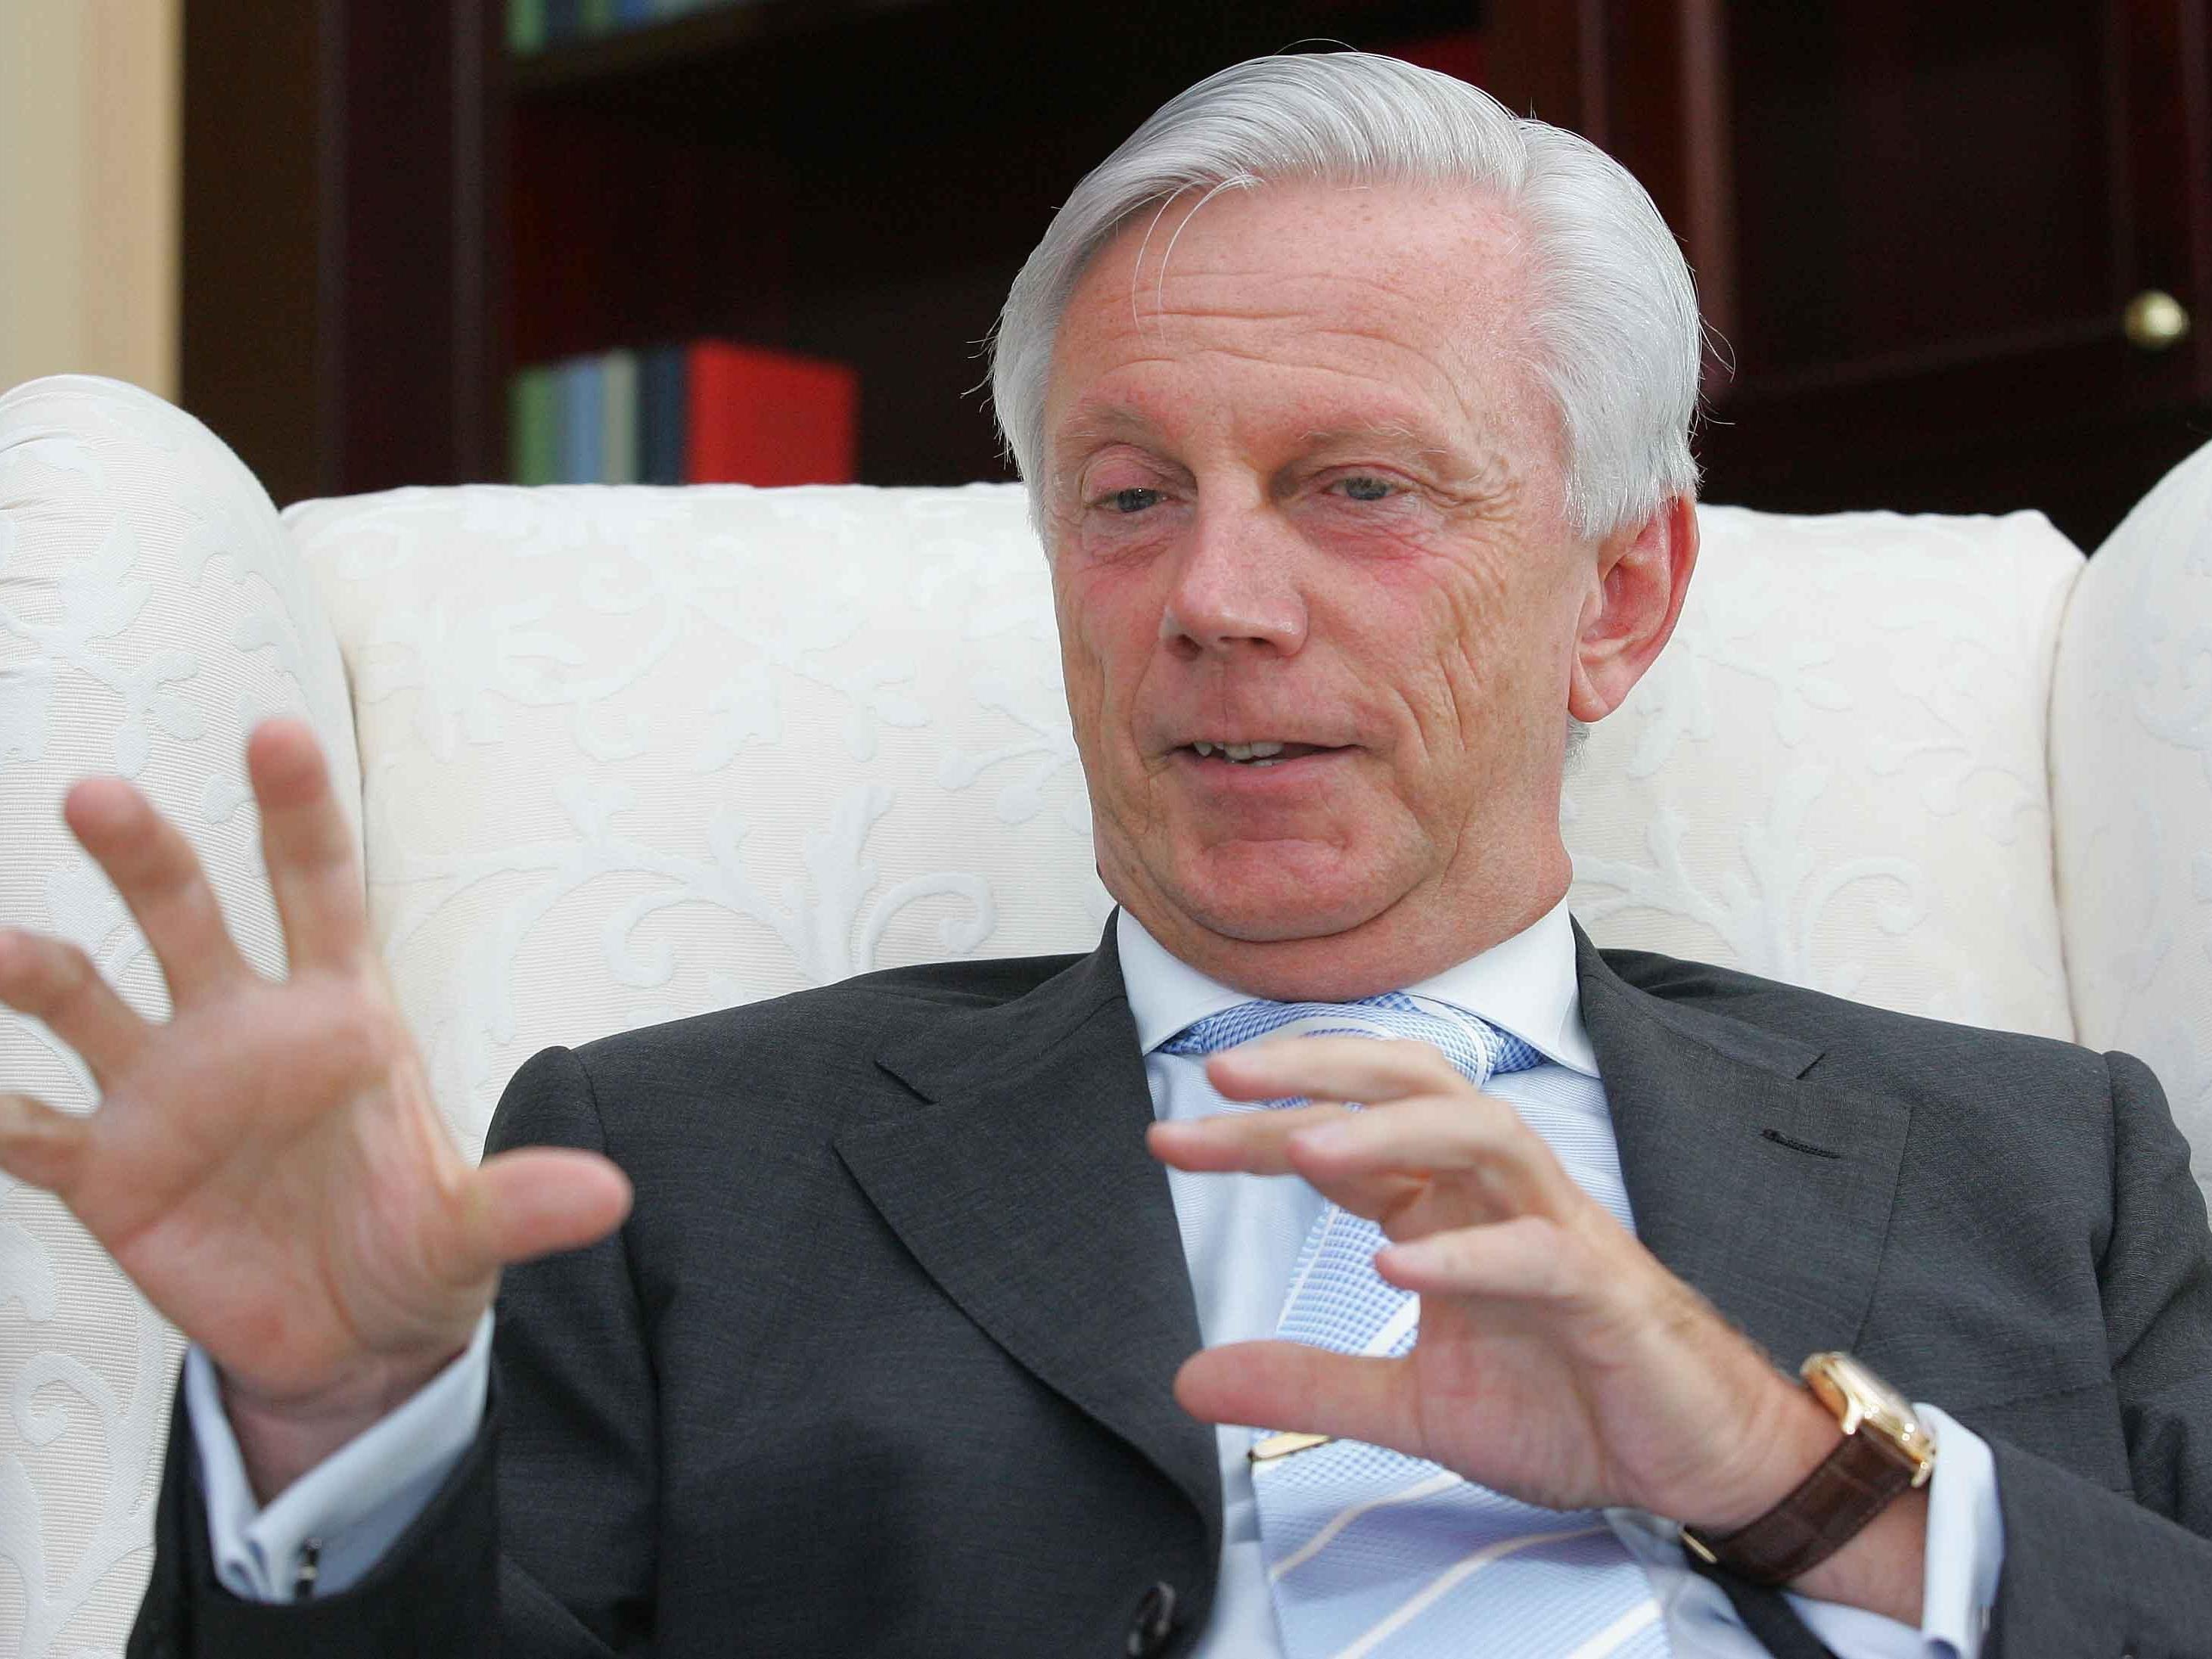 Günter Steinachers Firma macht 9 Mrd. Euro Umsatz - Die Nachfolge ist offen.